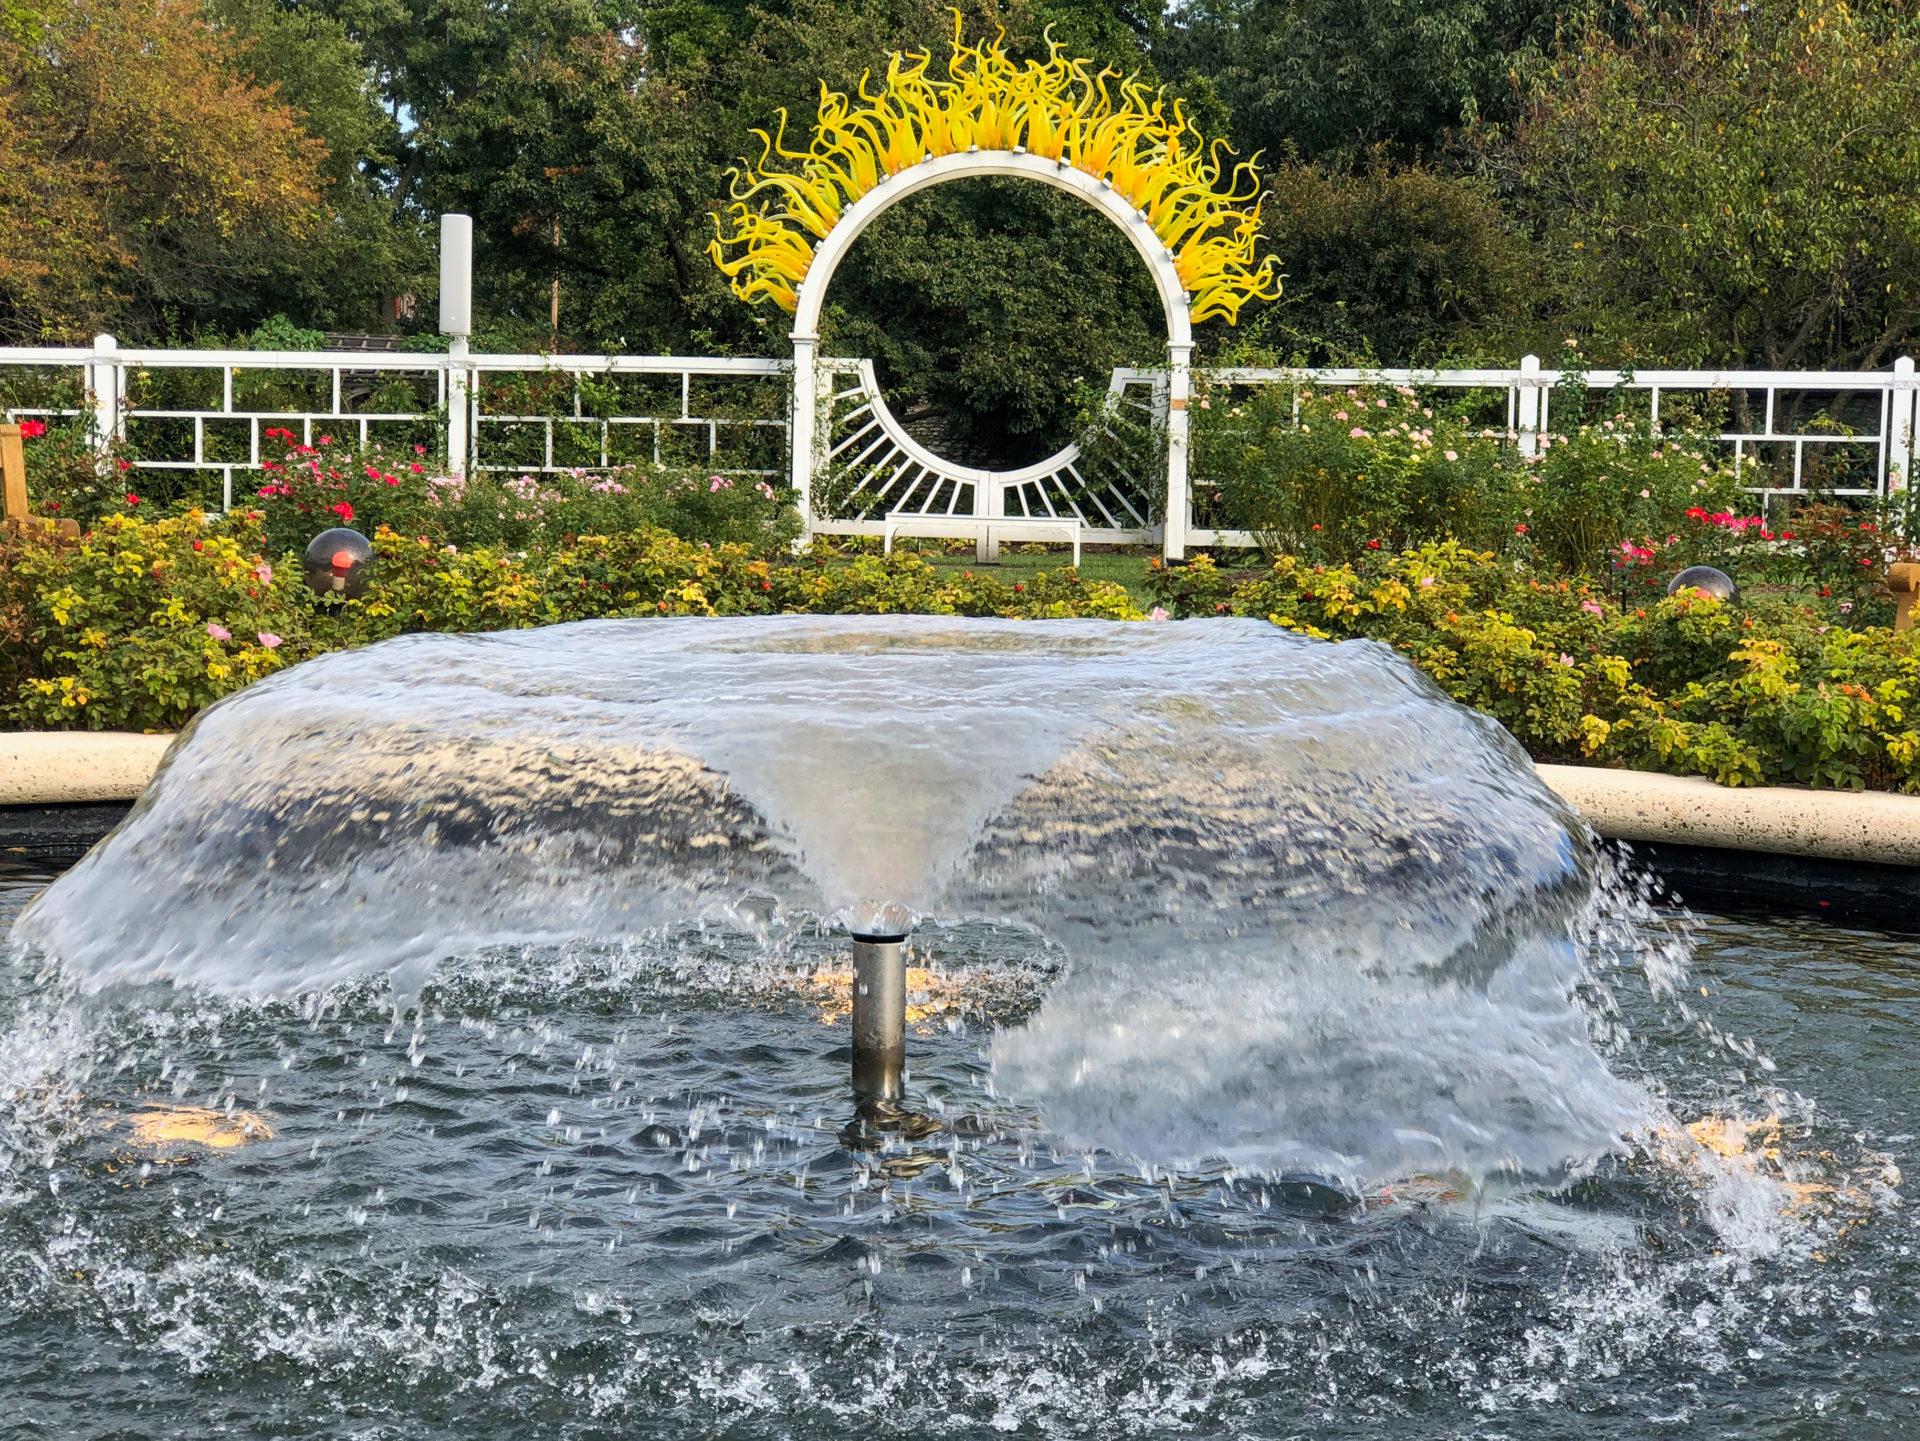 Kunstwerk mit Flammen von Dale Chihuly im Botanischen Garten von Saint Louis im US-Bundesstaat Missouri an der Route 66